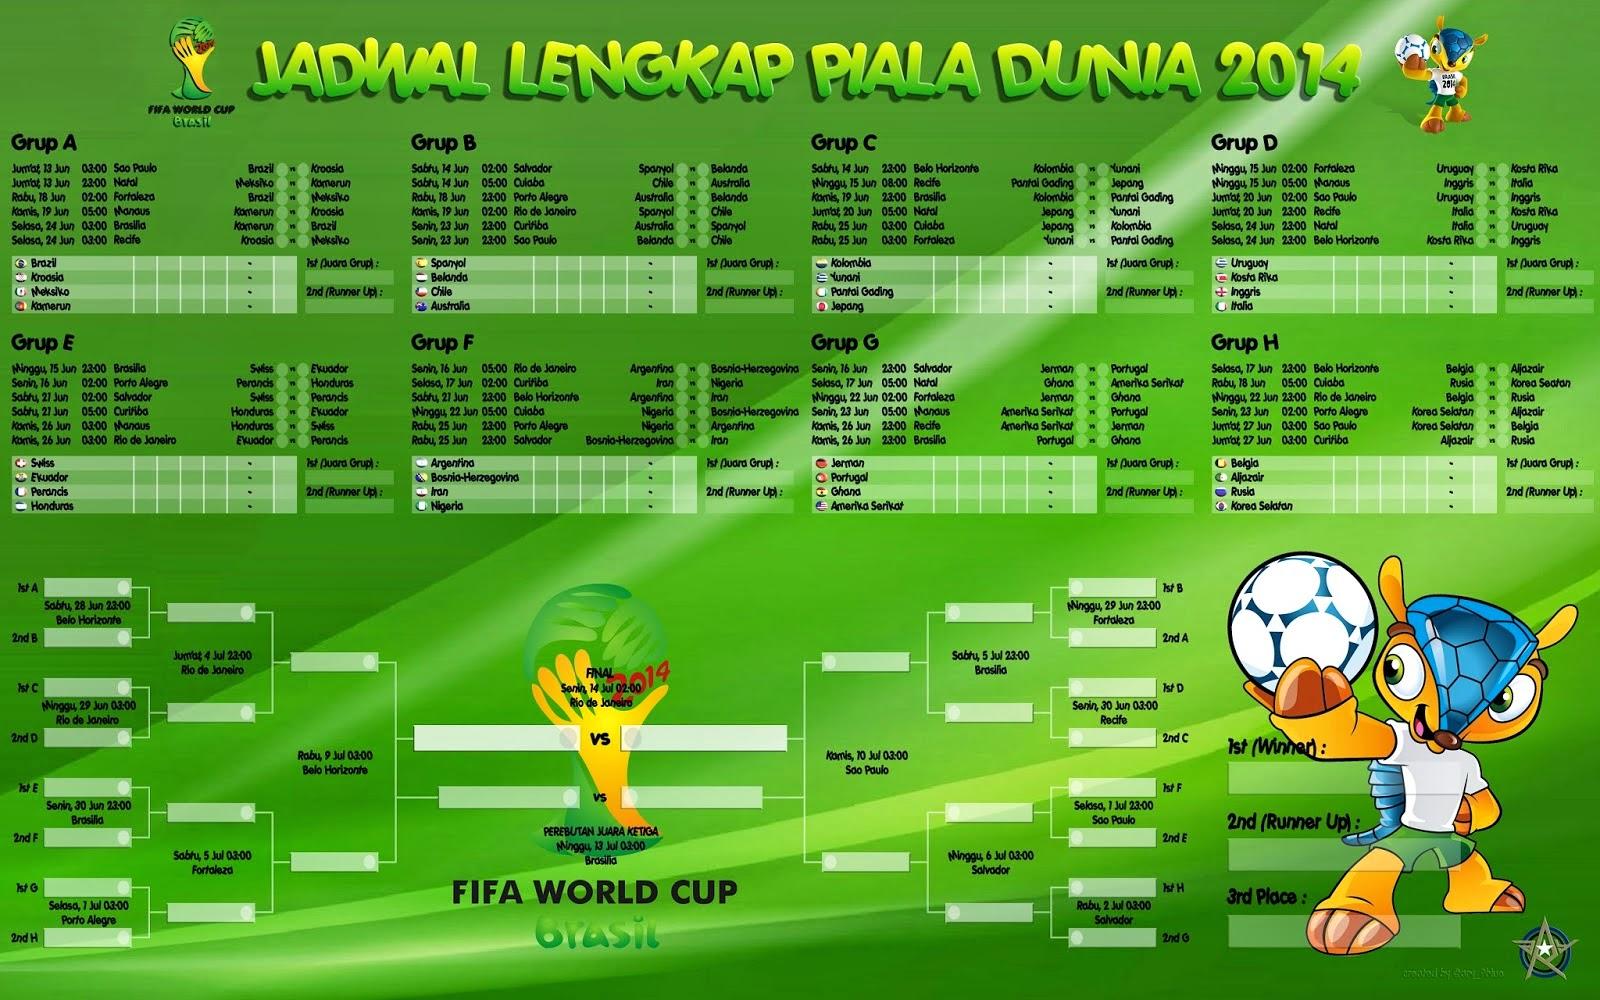 Jadwal lengkap piala dunia 2014 brasil   berita bola   egrafis.